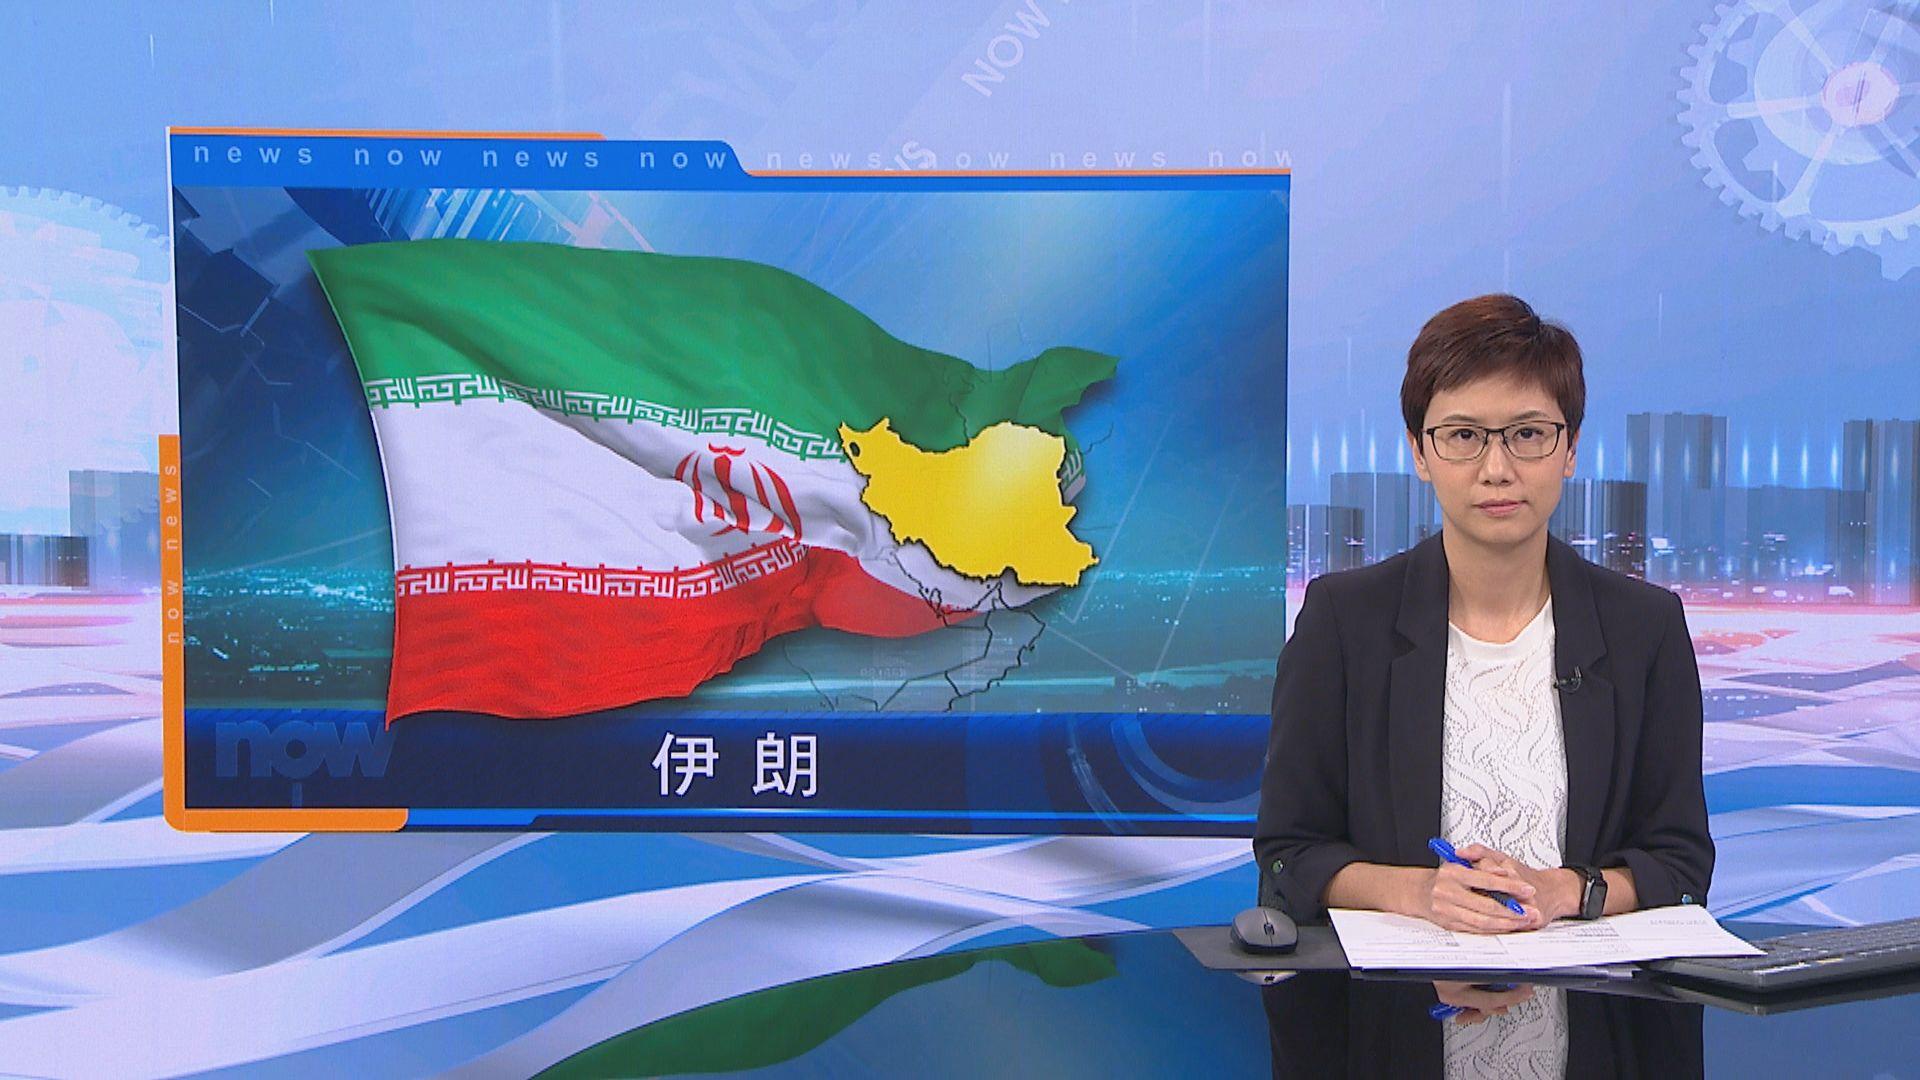 伊朗警方否認向示威者發射實彈 強調有要求警員克制